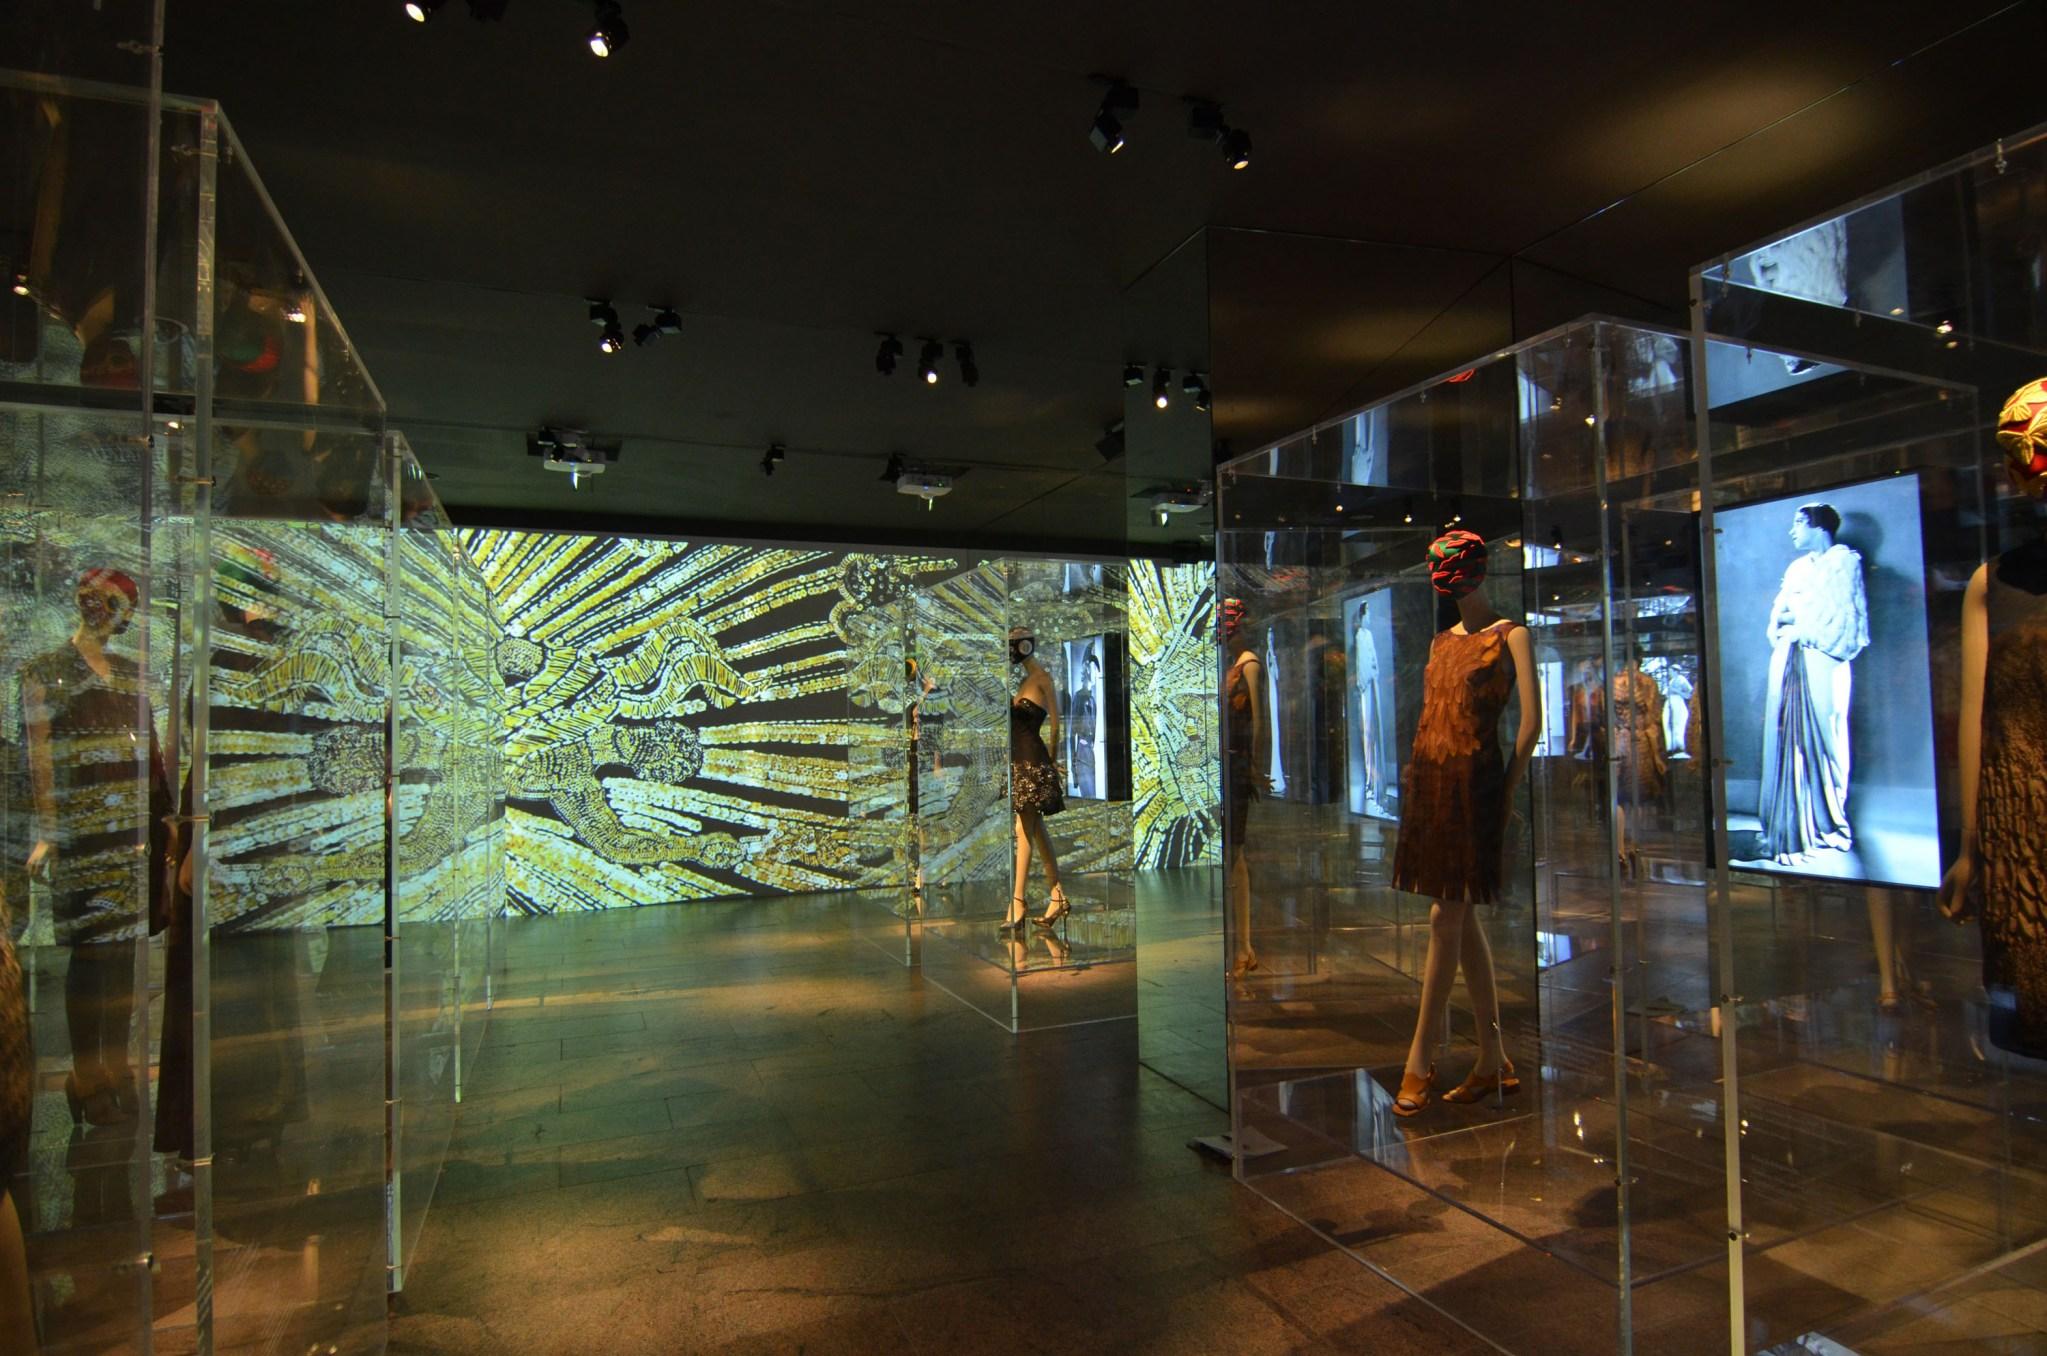 Prada-Schiaparelli Met Museum Costume exhibit